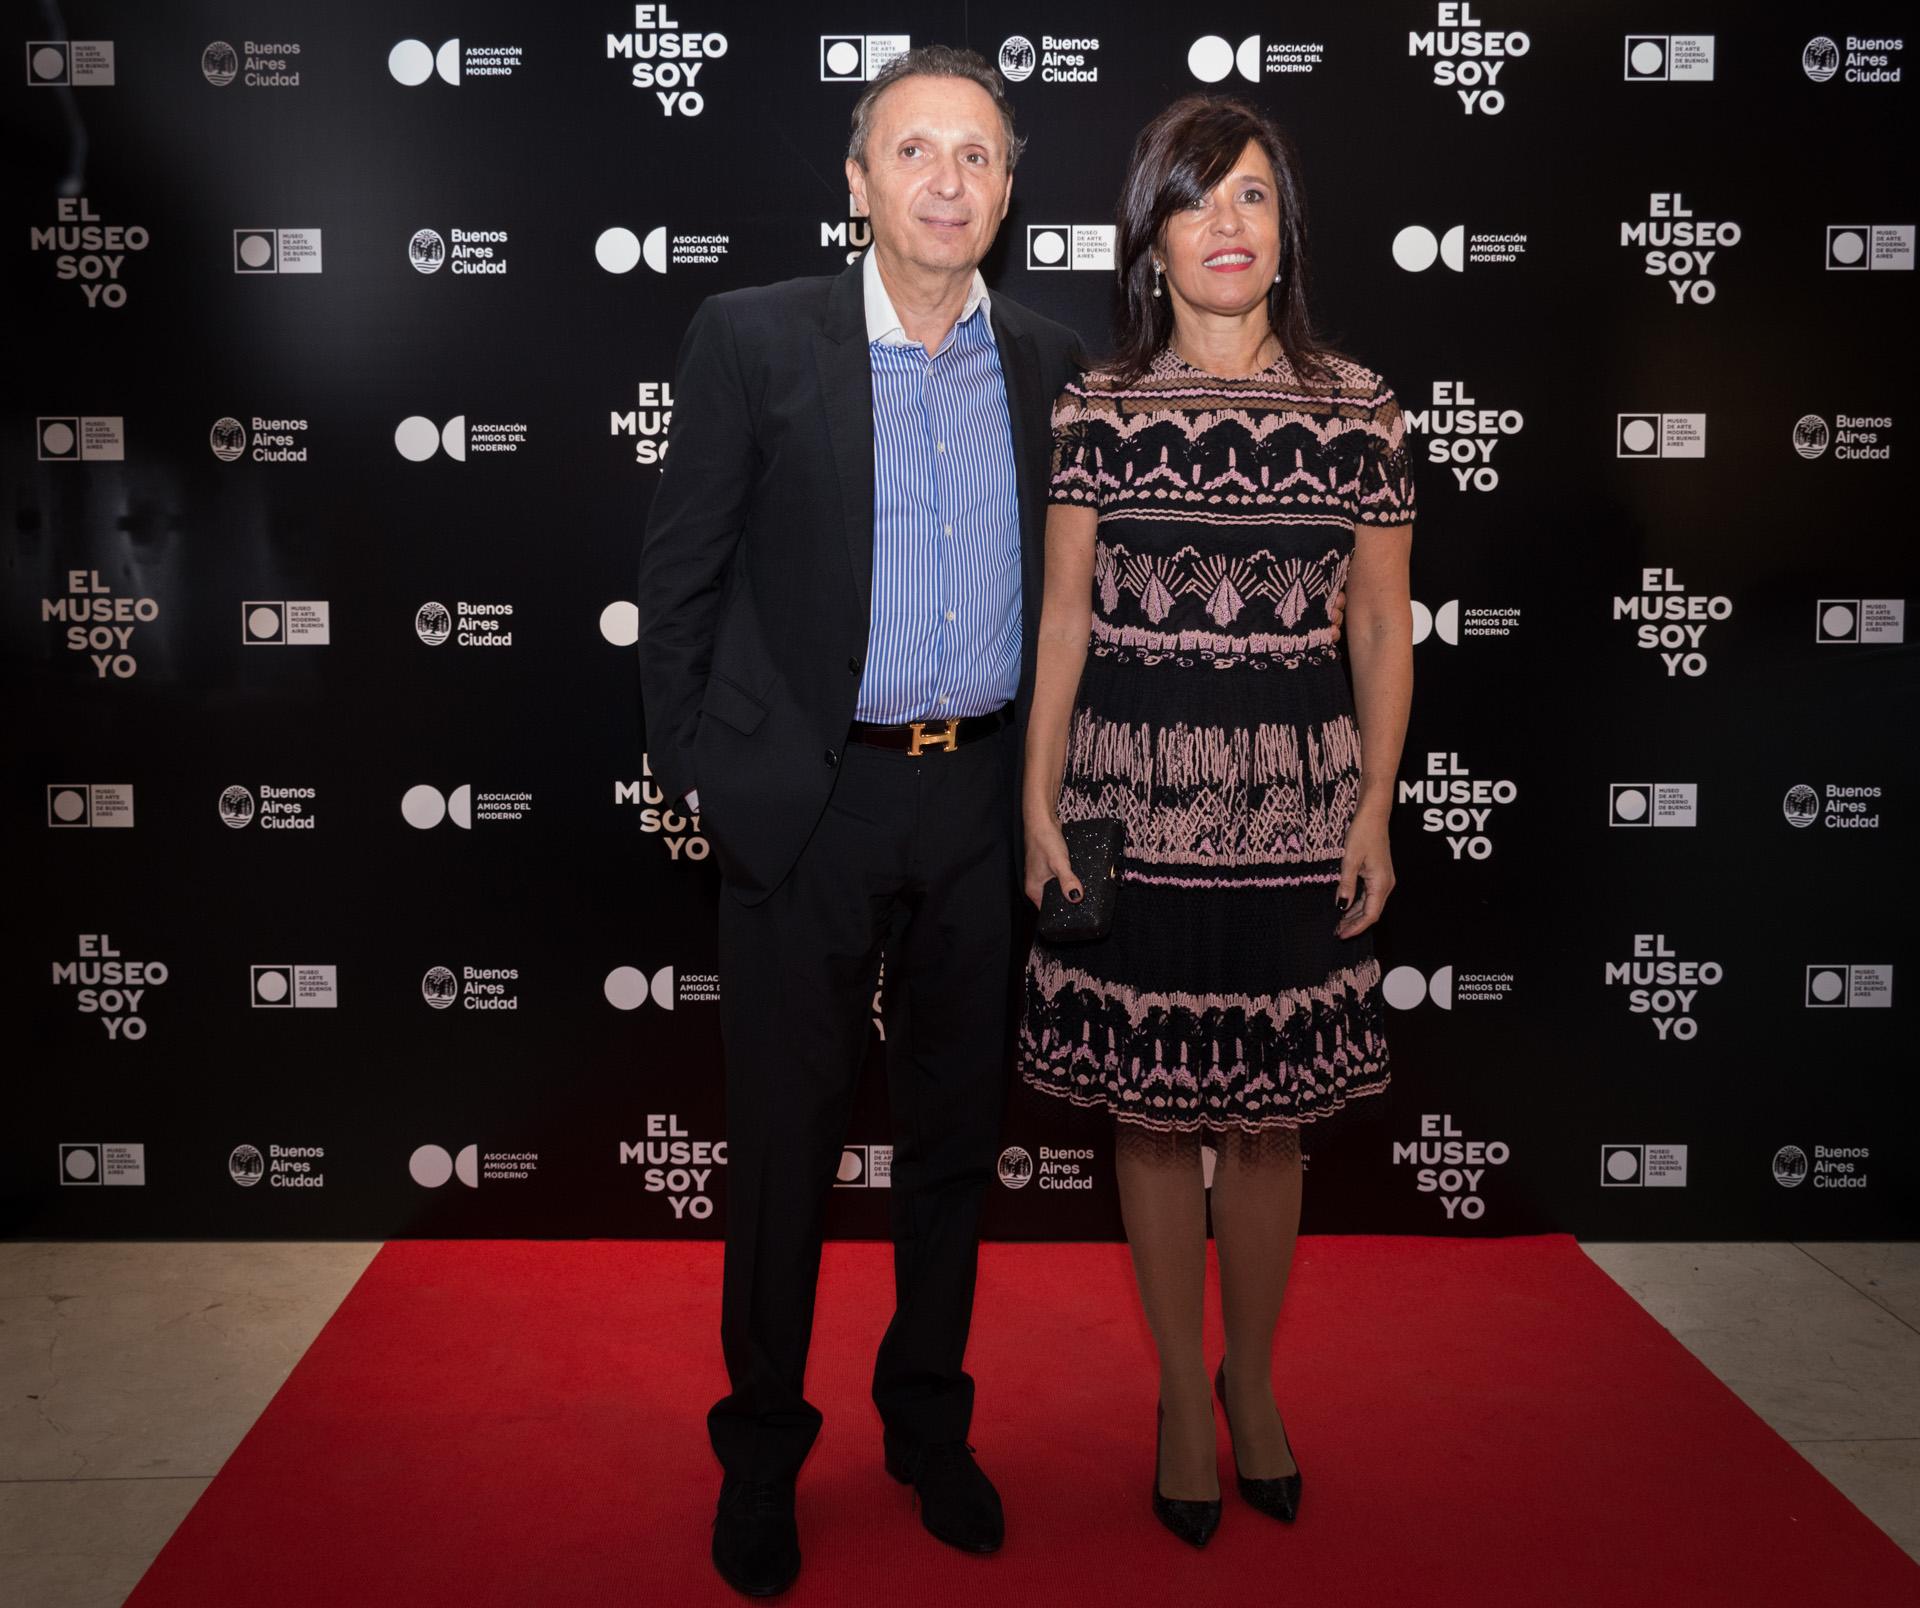 Daniel y Patricia Maman